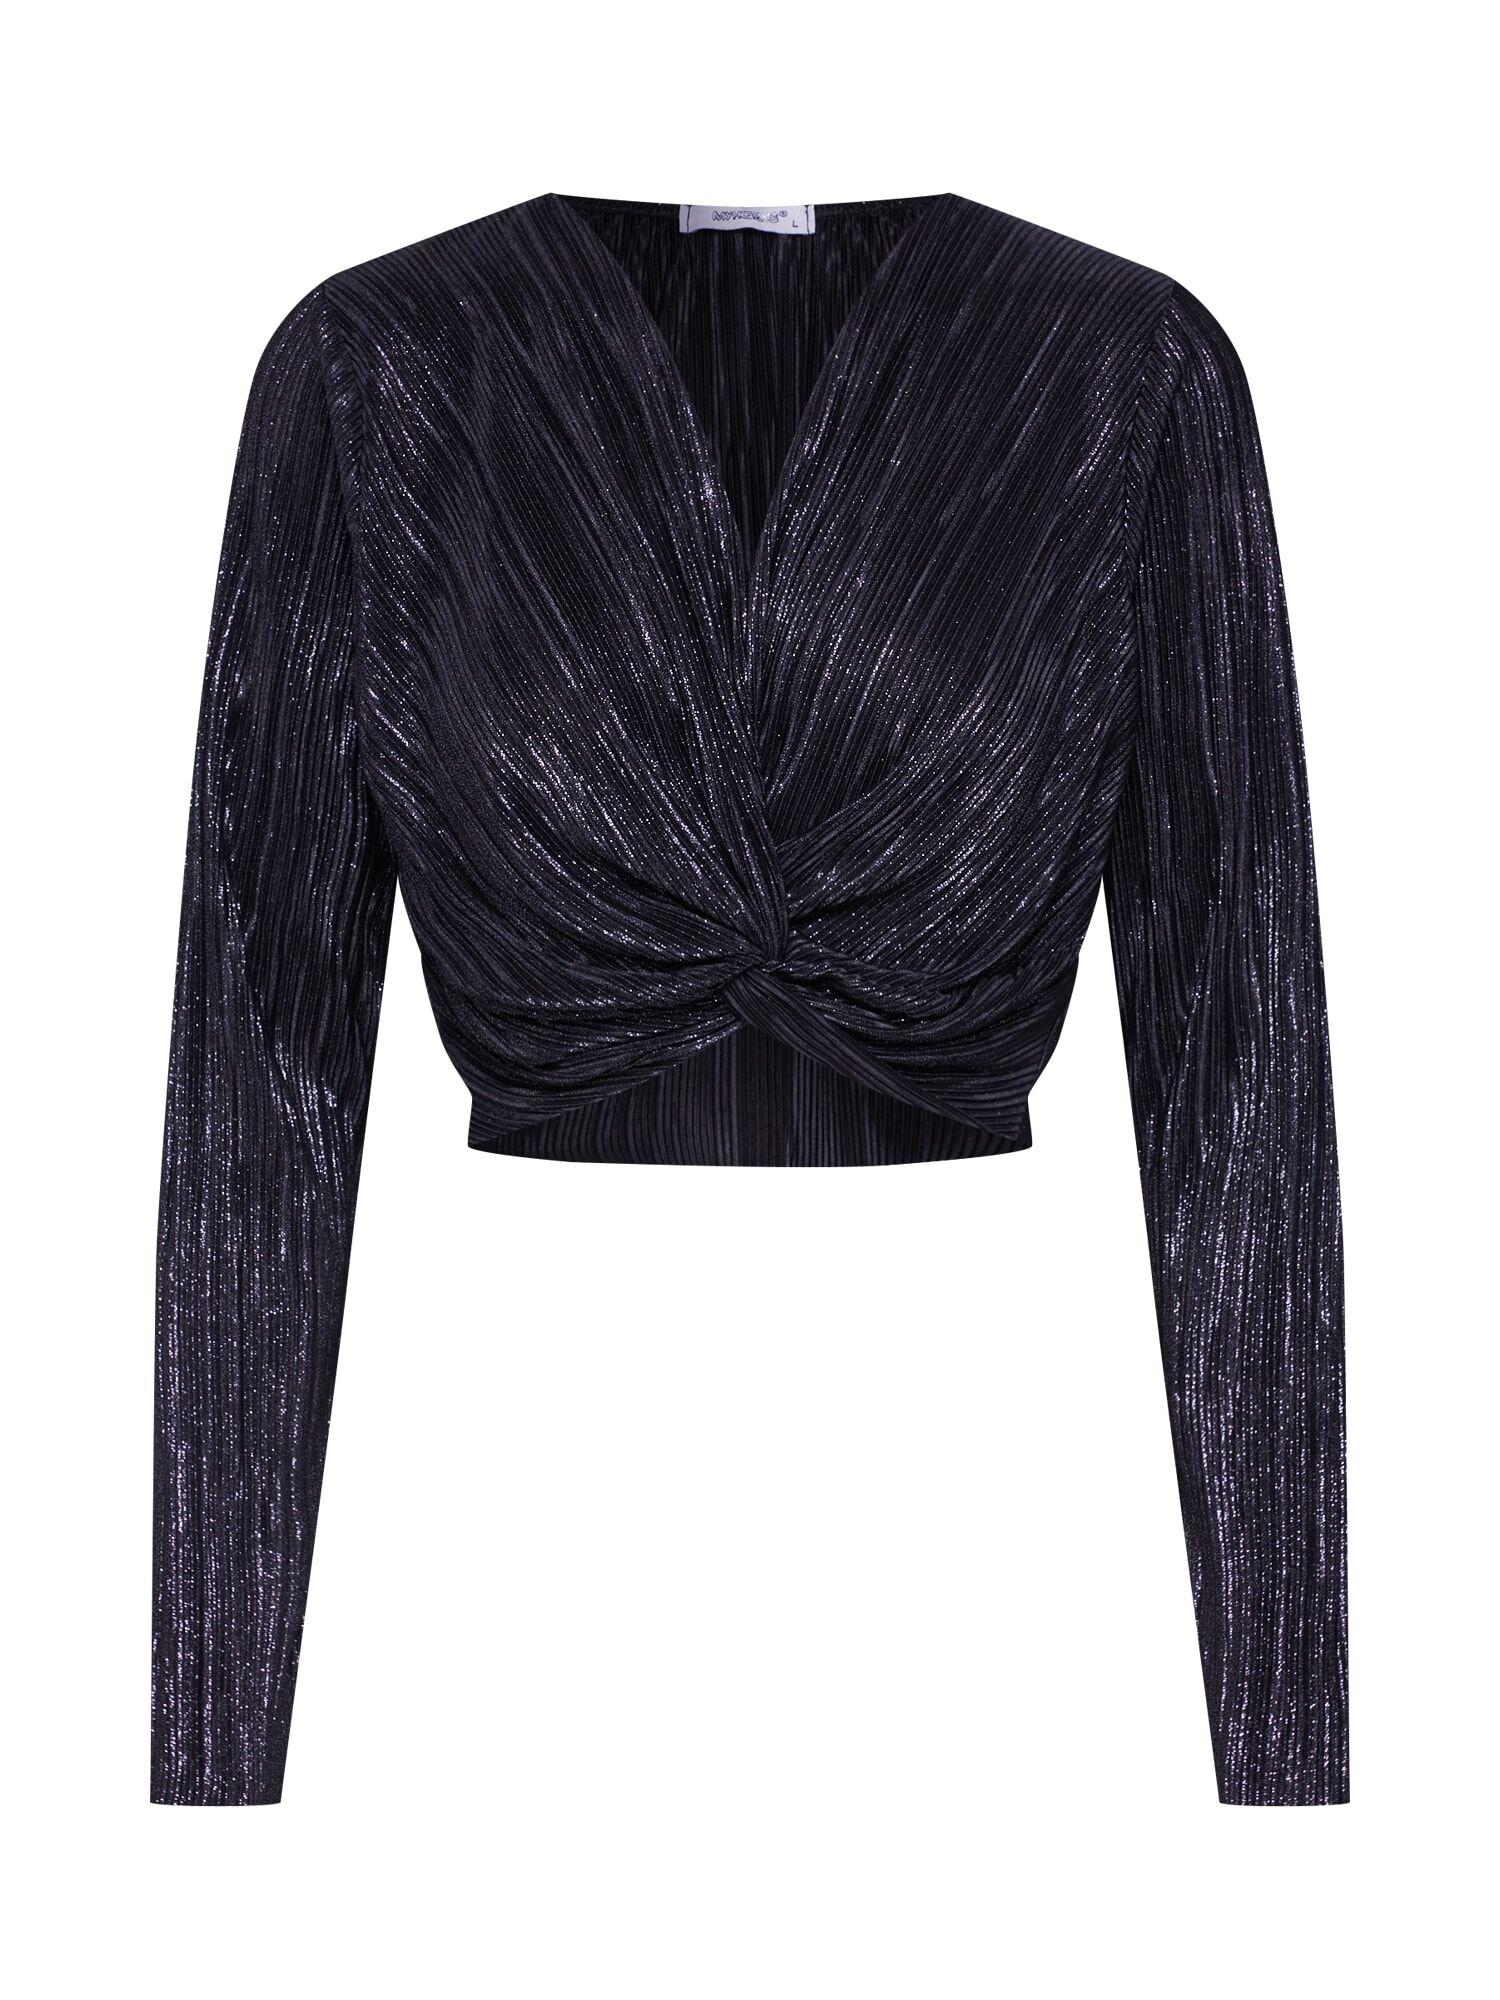 Hailys T-shirt 'LS P TP Lya'  - Noir - Taille: M - female